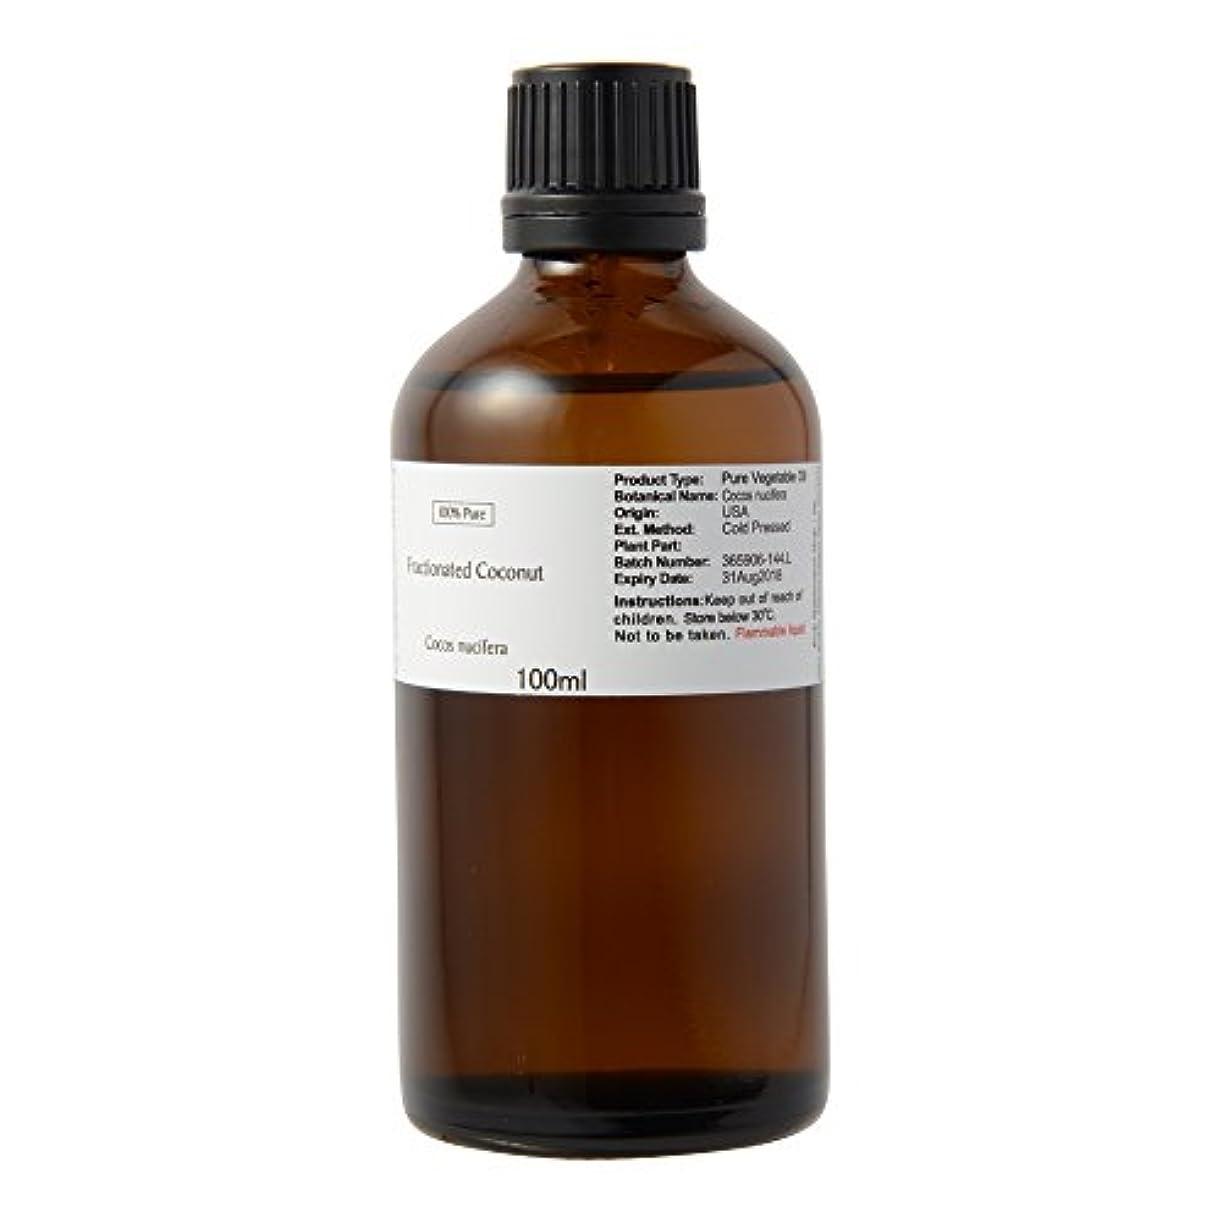 油毎月布ココナッツフラクショネイティッド(分留)キャリアオイル 100ml アメリカ産 コスメティックグレード